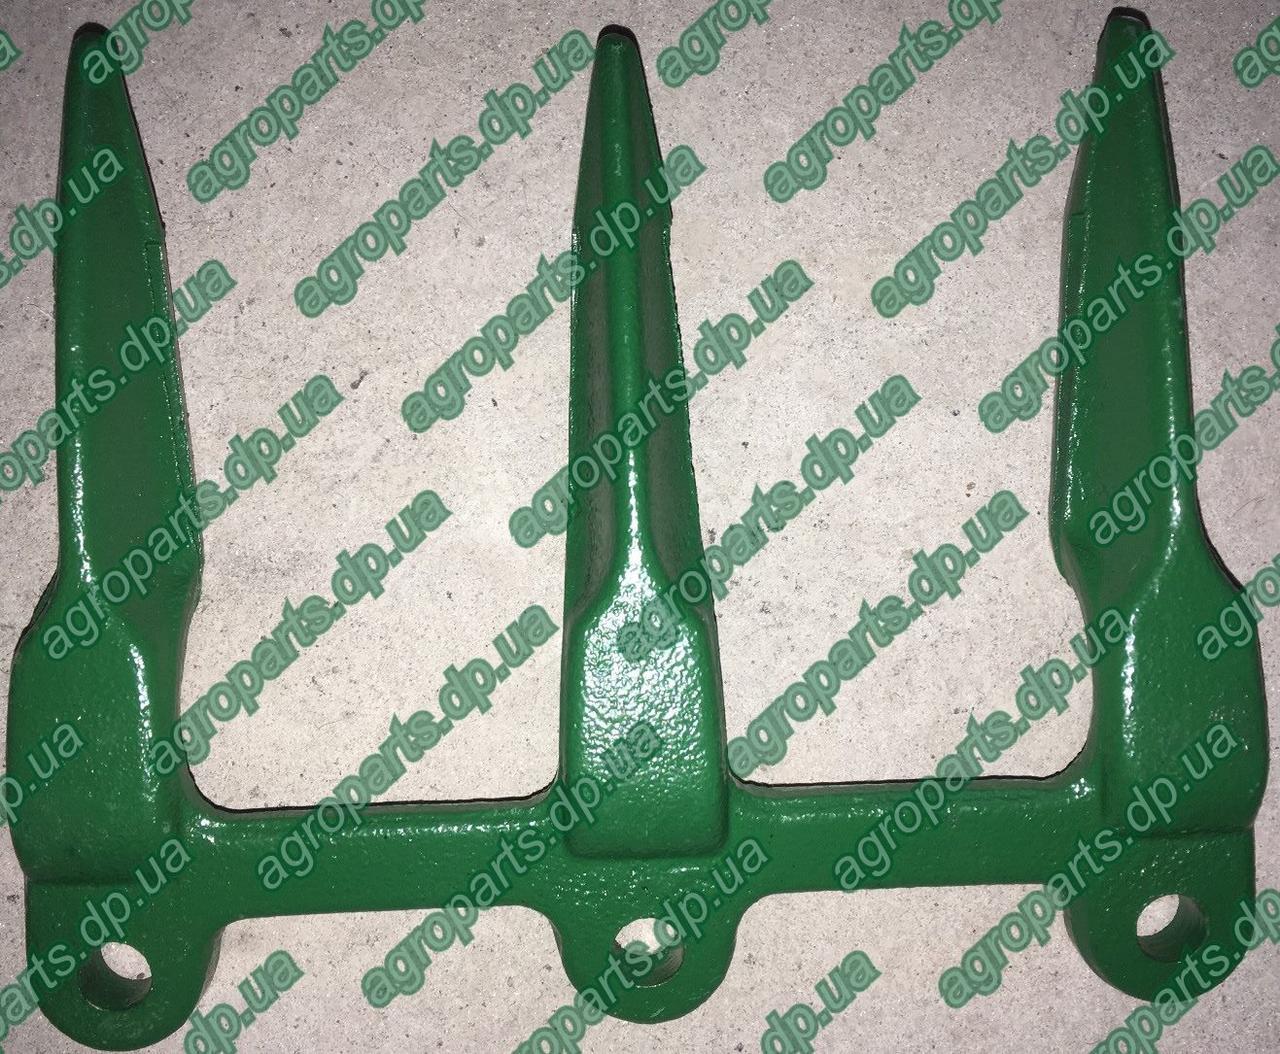 Палец H25603 тройной H153855 Alternative KNIFE GUARD TRIPLE Н153855 палець жниварки H25603 з.ч John Deere